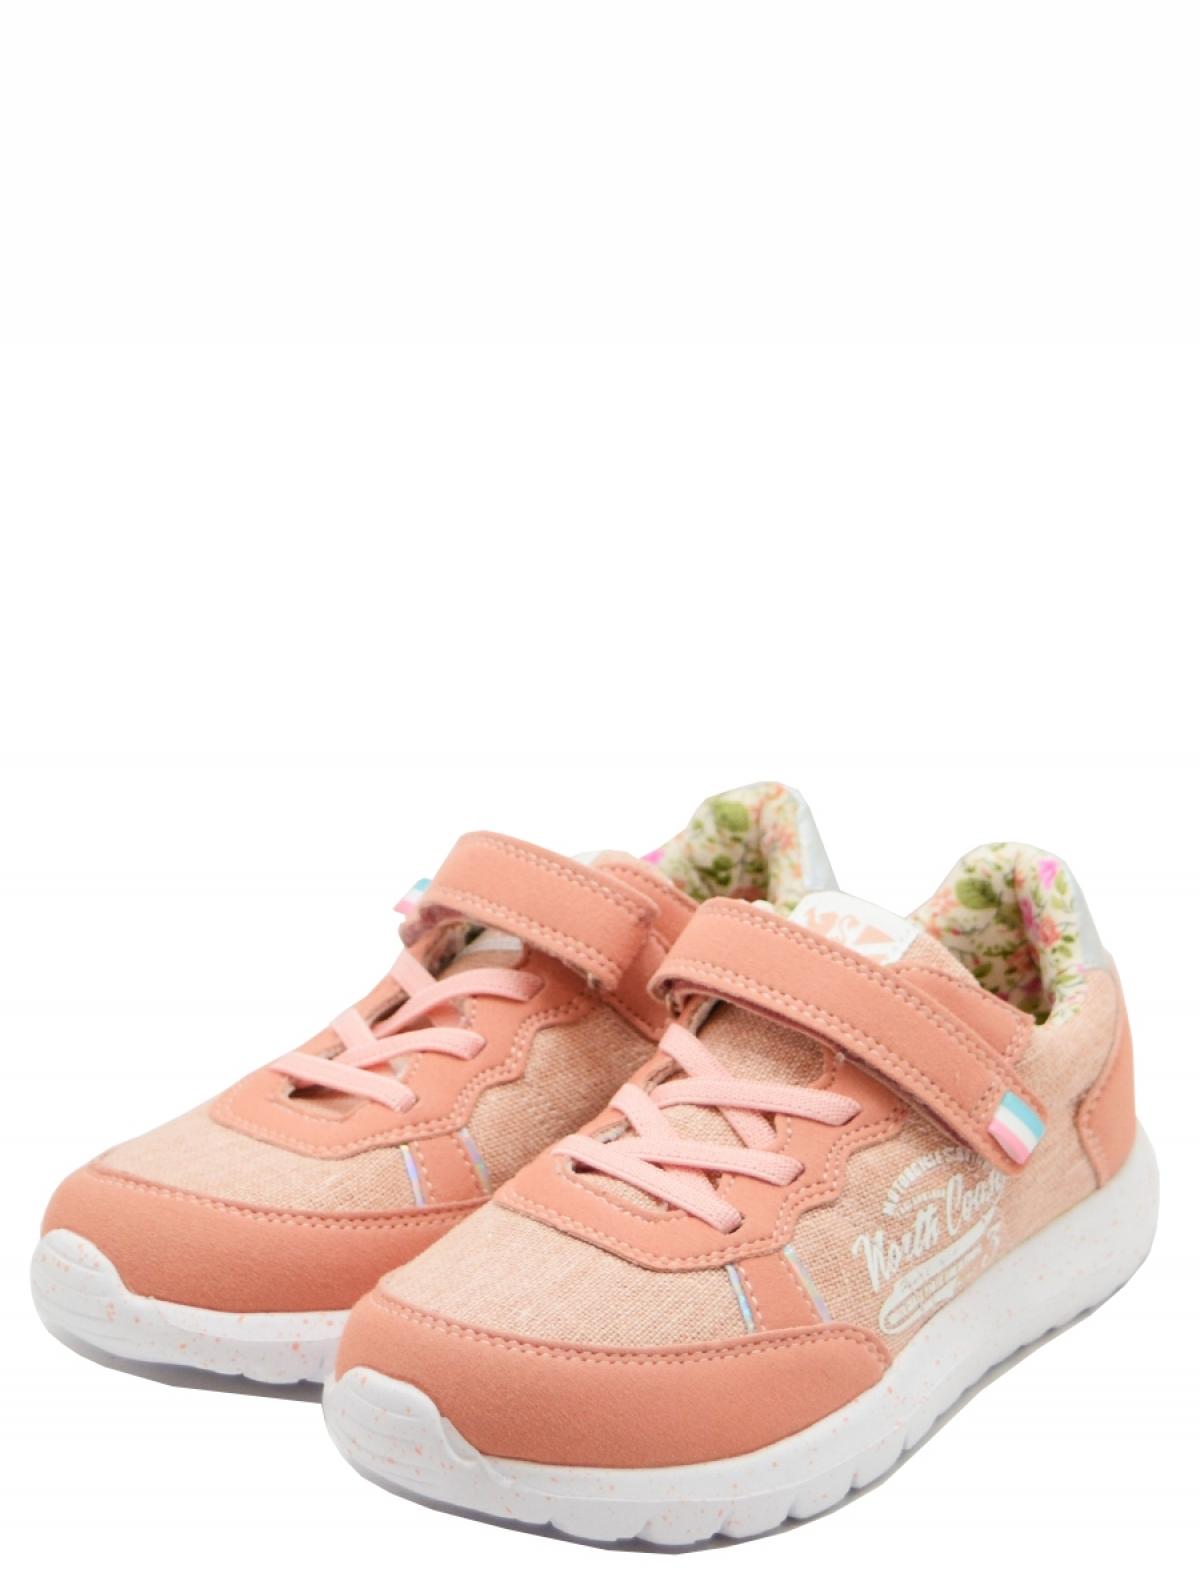 CROSBY 287027/01-04 детские кроссовки